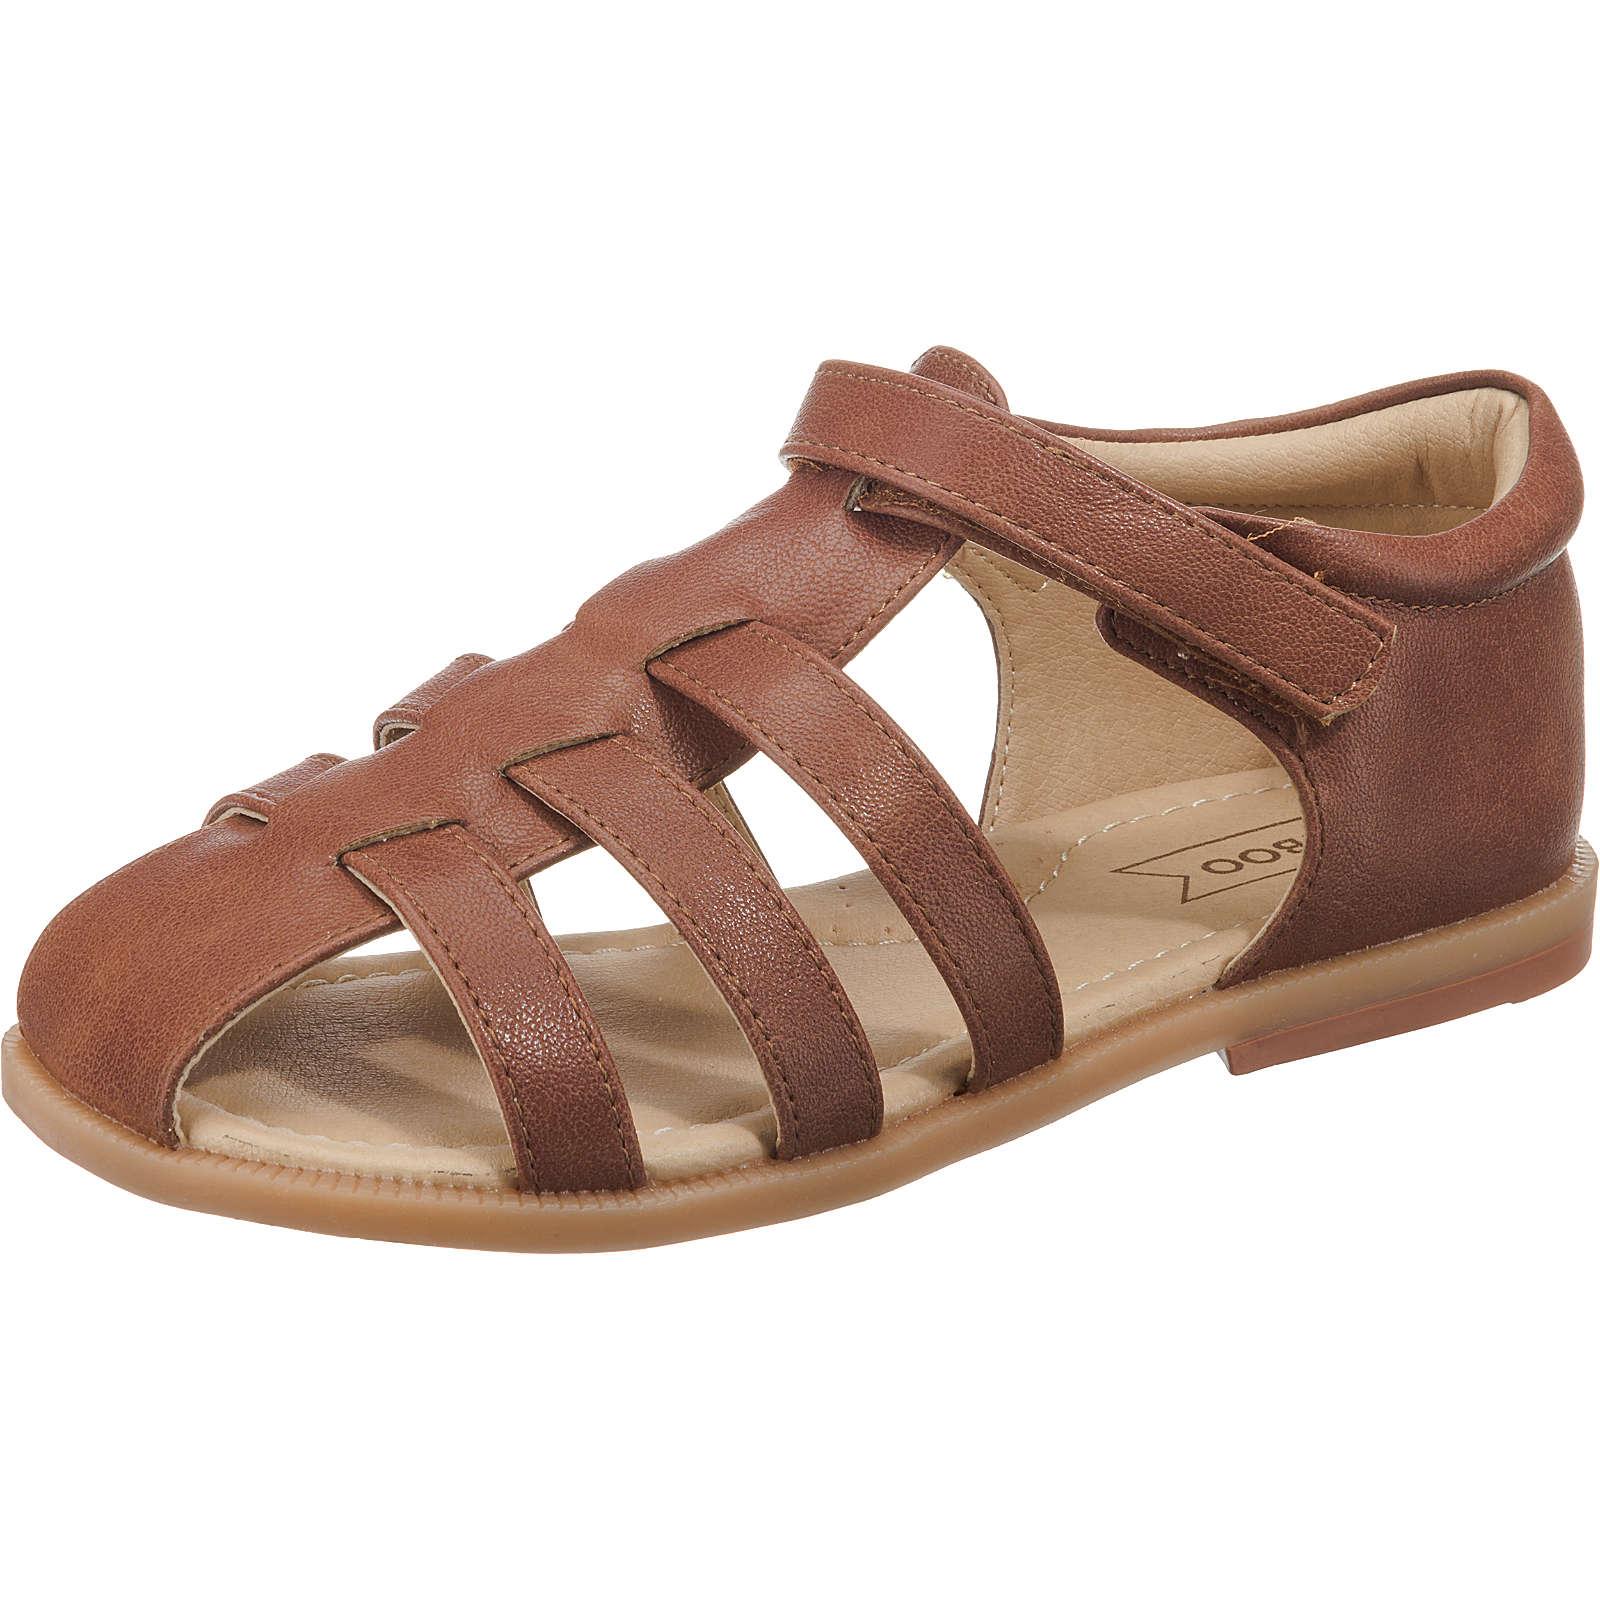 Friboo Sandalen für Jungen braun Junge Gr. 32